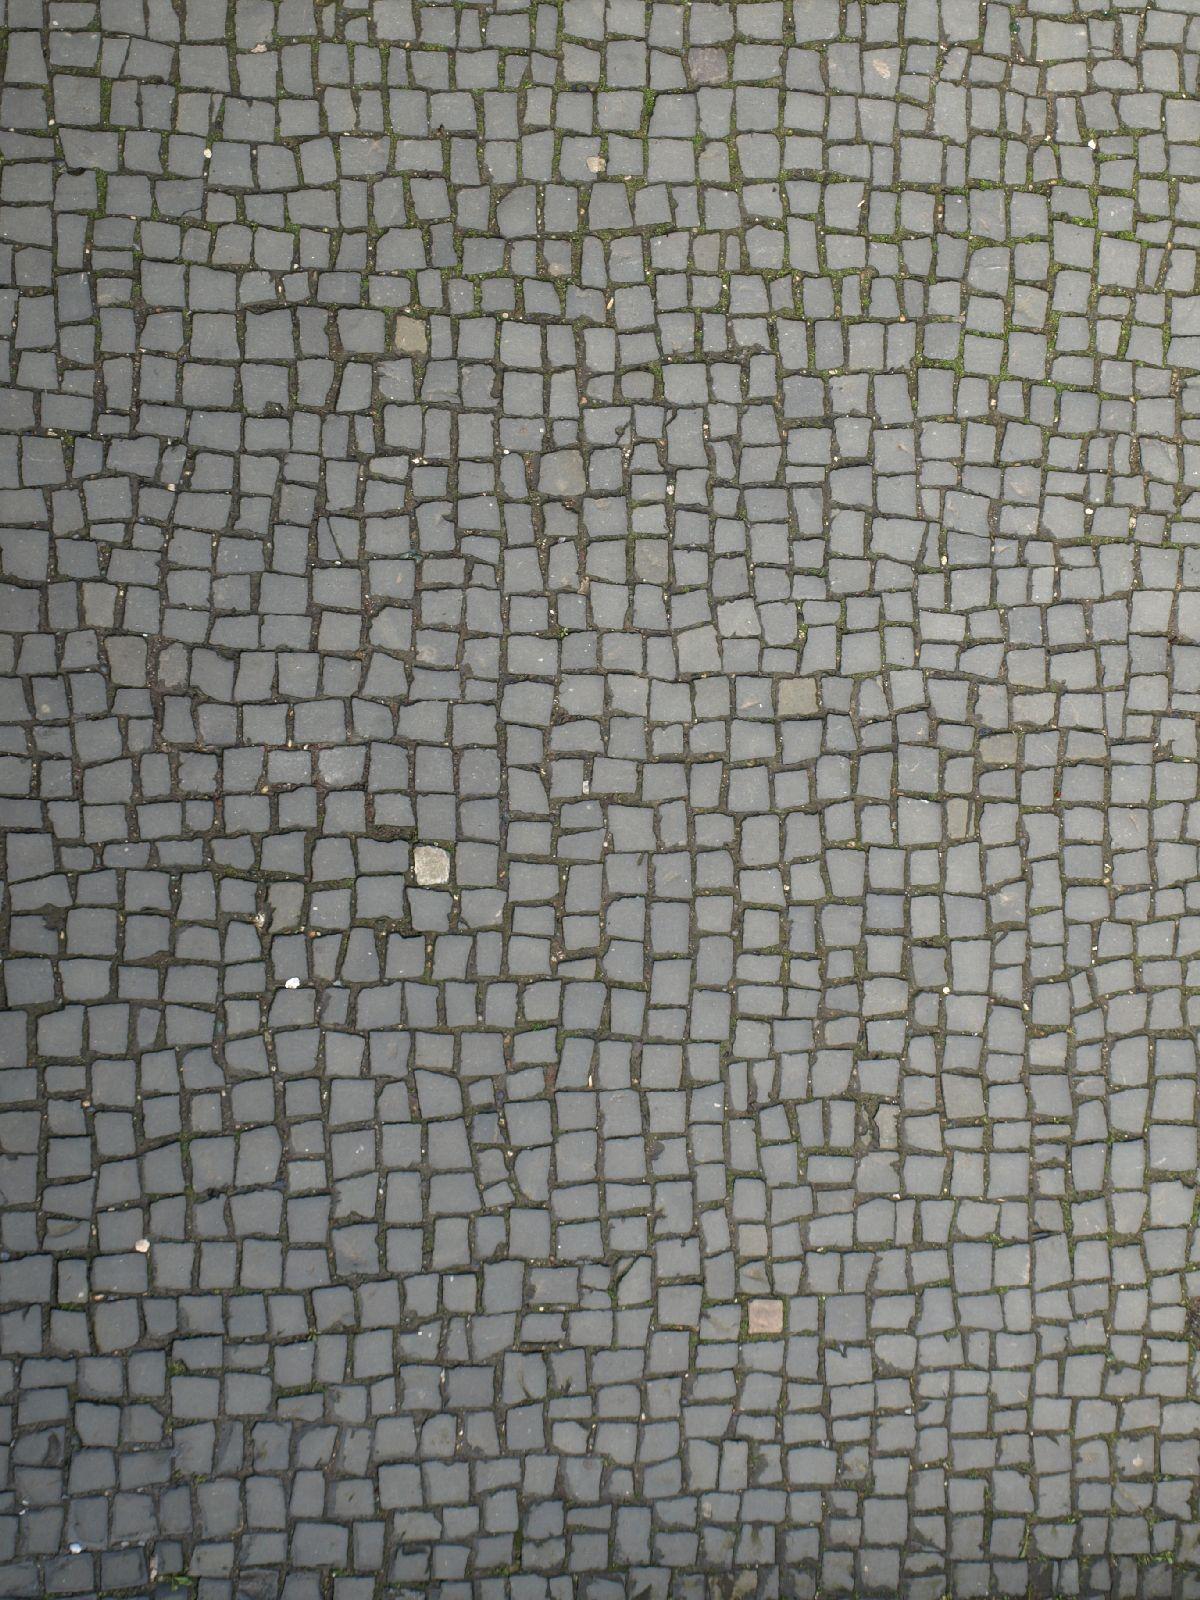 Ground-Urban_Texture_A_P4131135